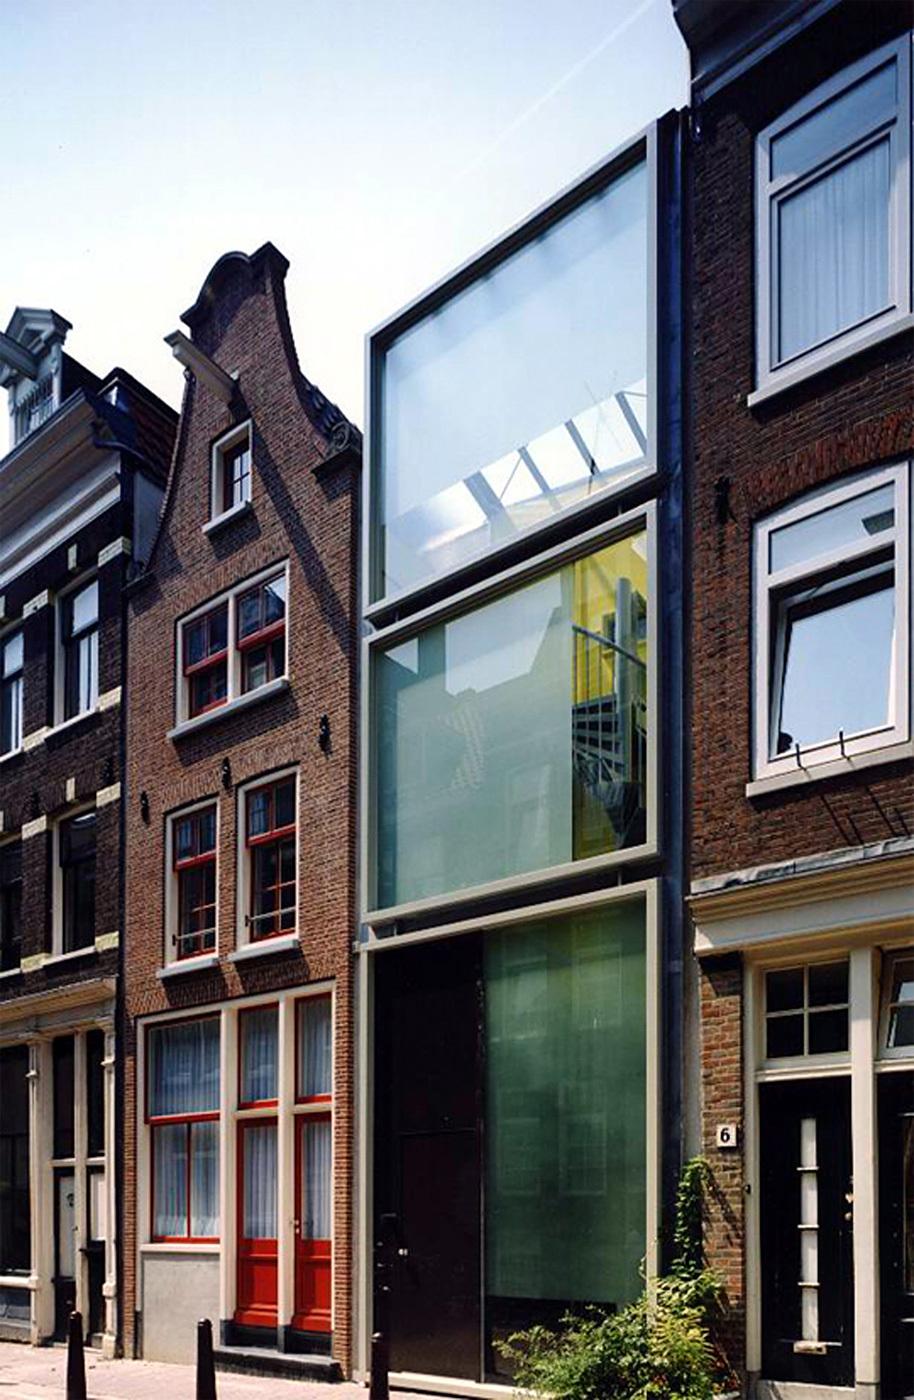 Haarlemmerbuurt, Binnen Wieringerstraat in Amsterdam, the Netherlands by Claus en Kaan Architecten; Photo: Ger van der Vlugt